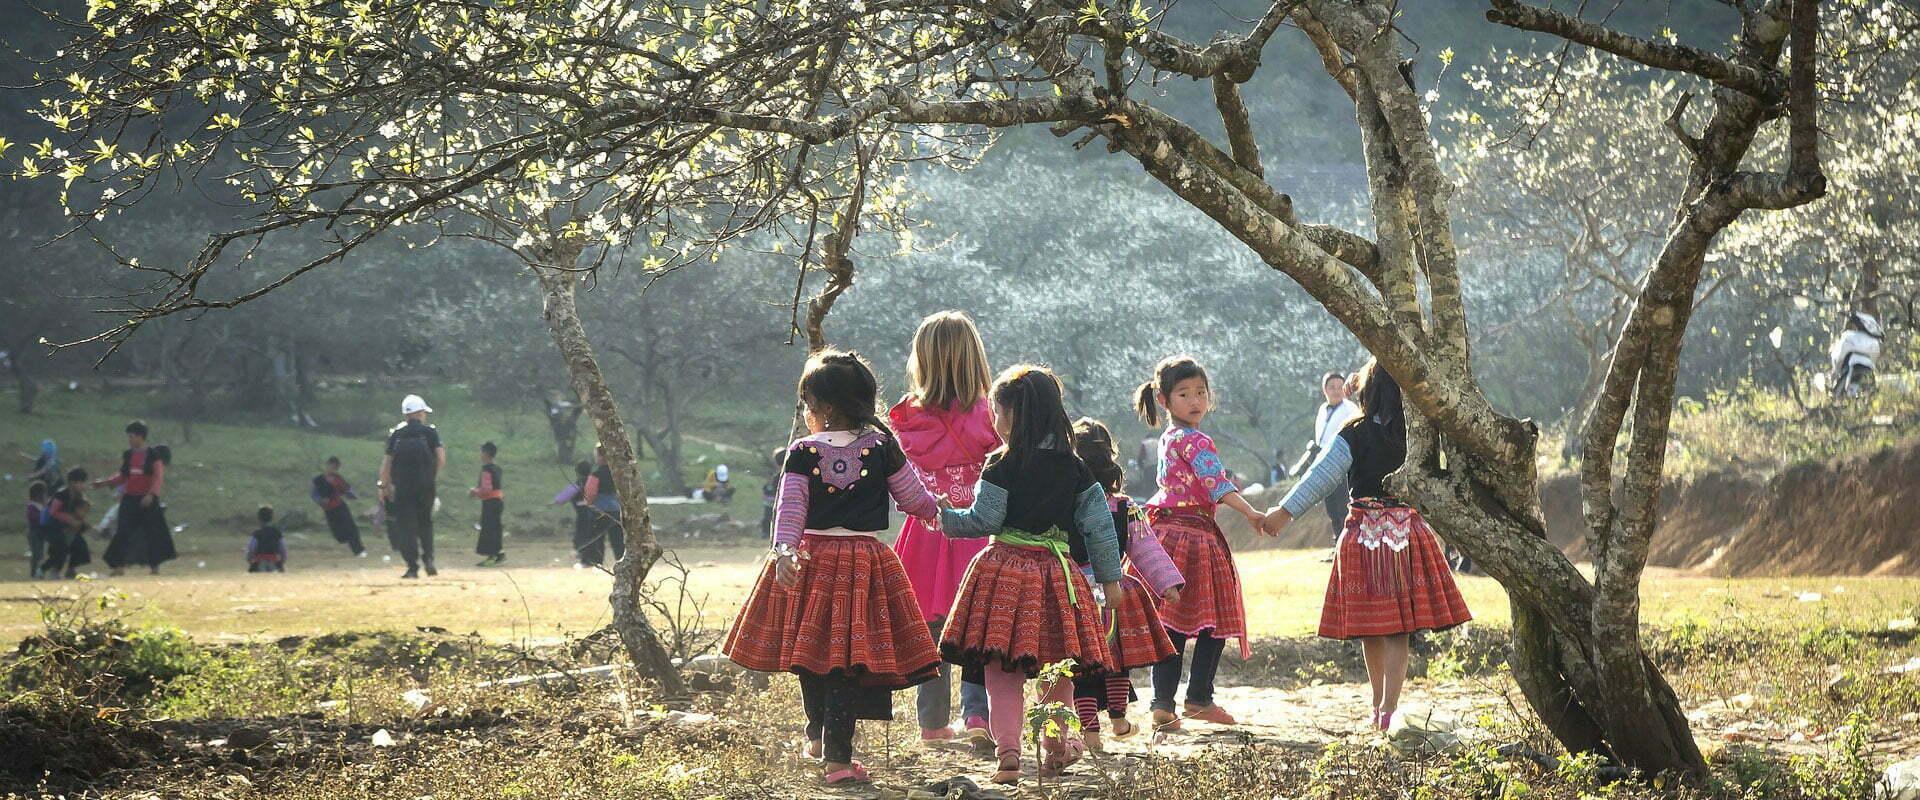 Groupe d'enfants habillés traditionnellement